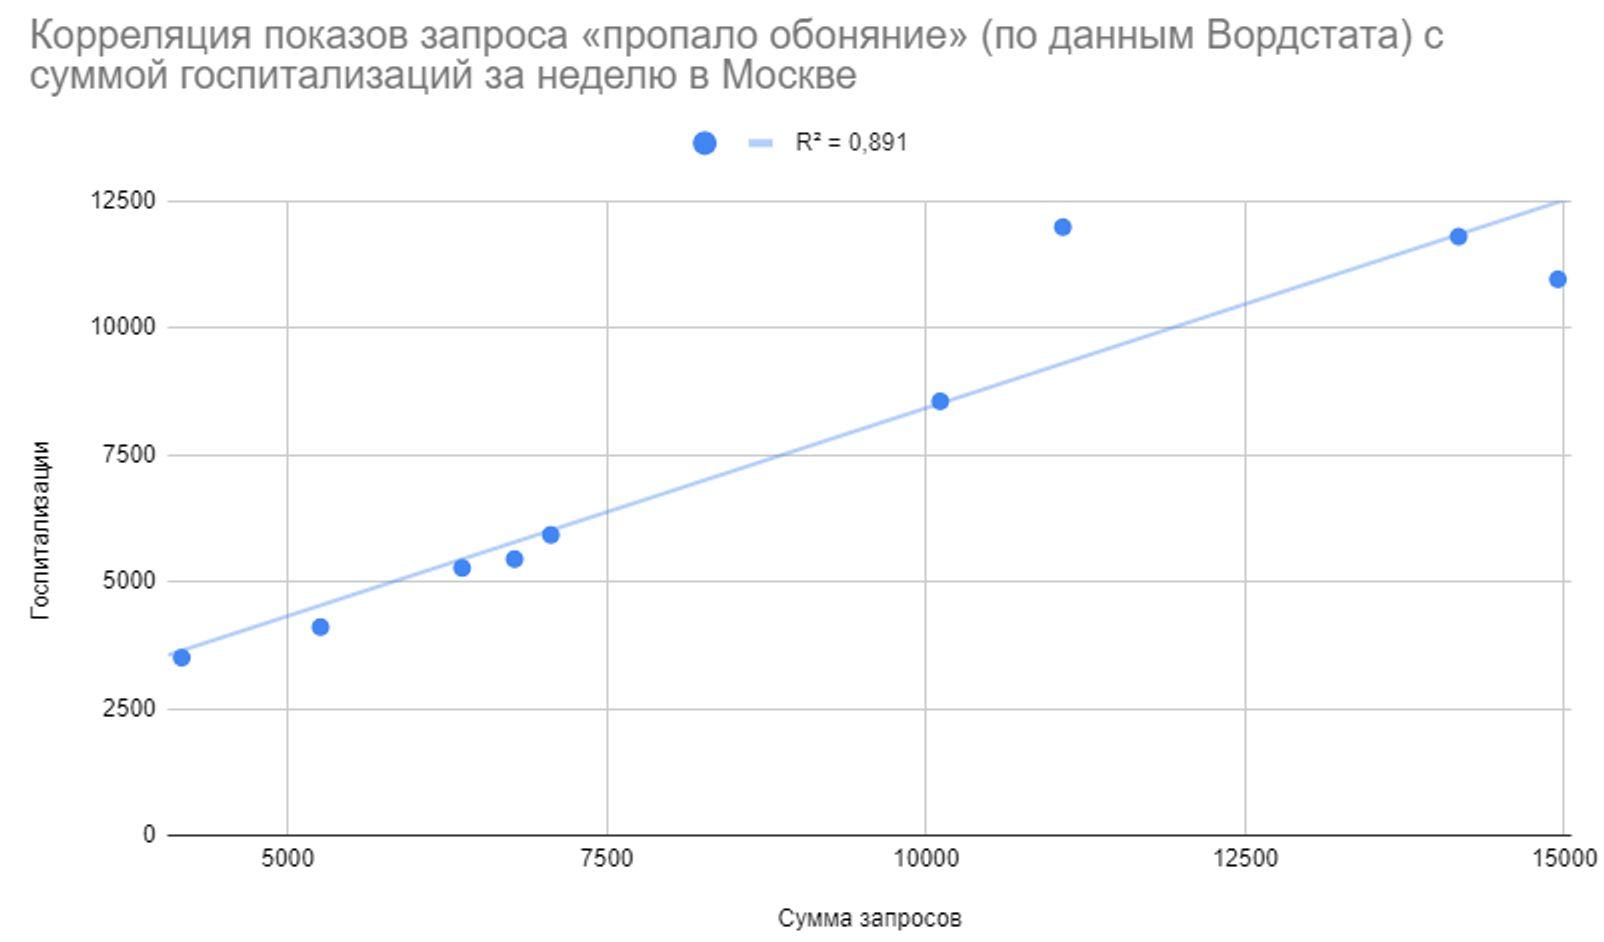 Коэффициент корреляции — 0,94. При 95% доверительном интервале коэффициент лежит в диапазоне между 0,75 и 0,99